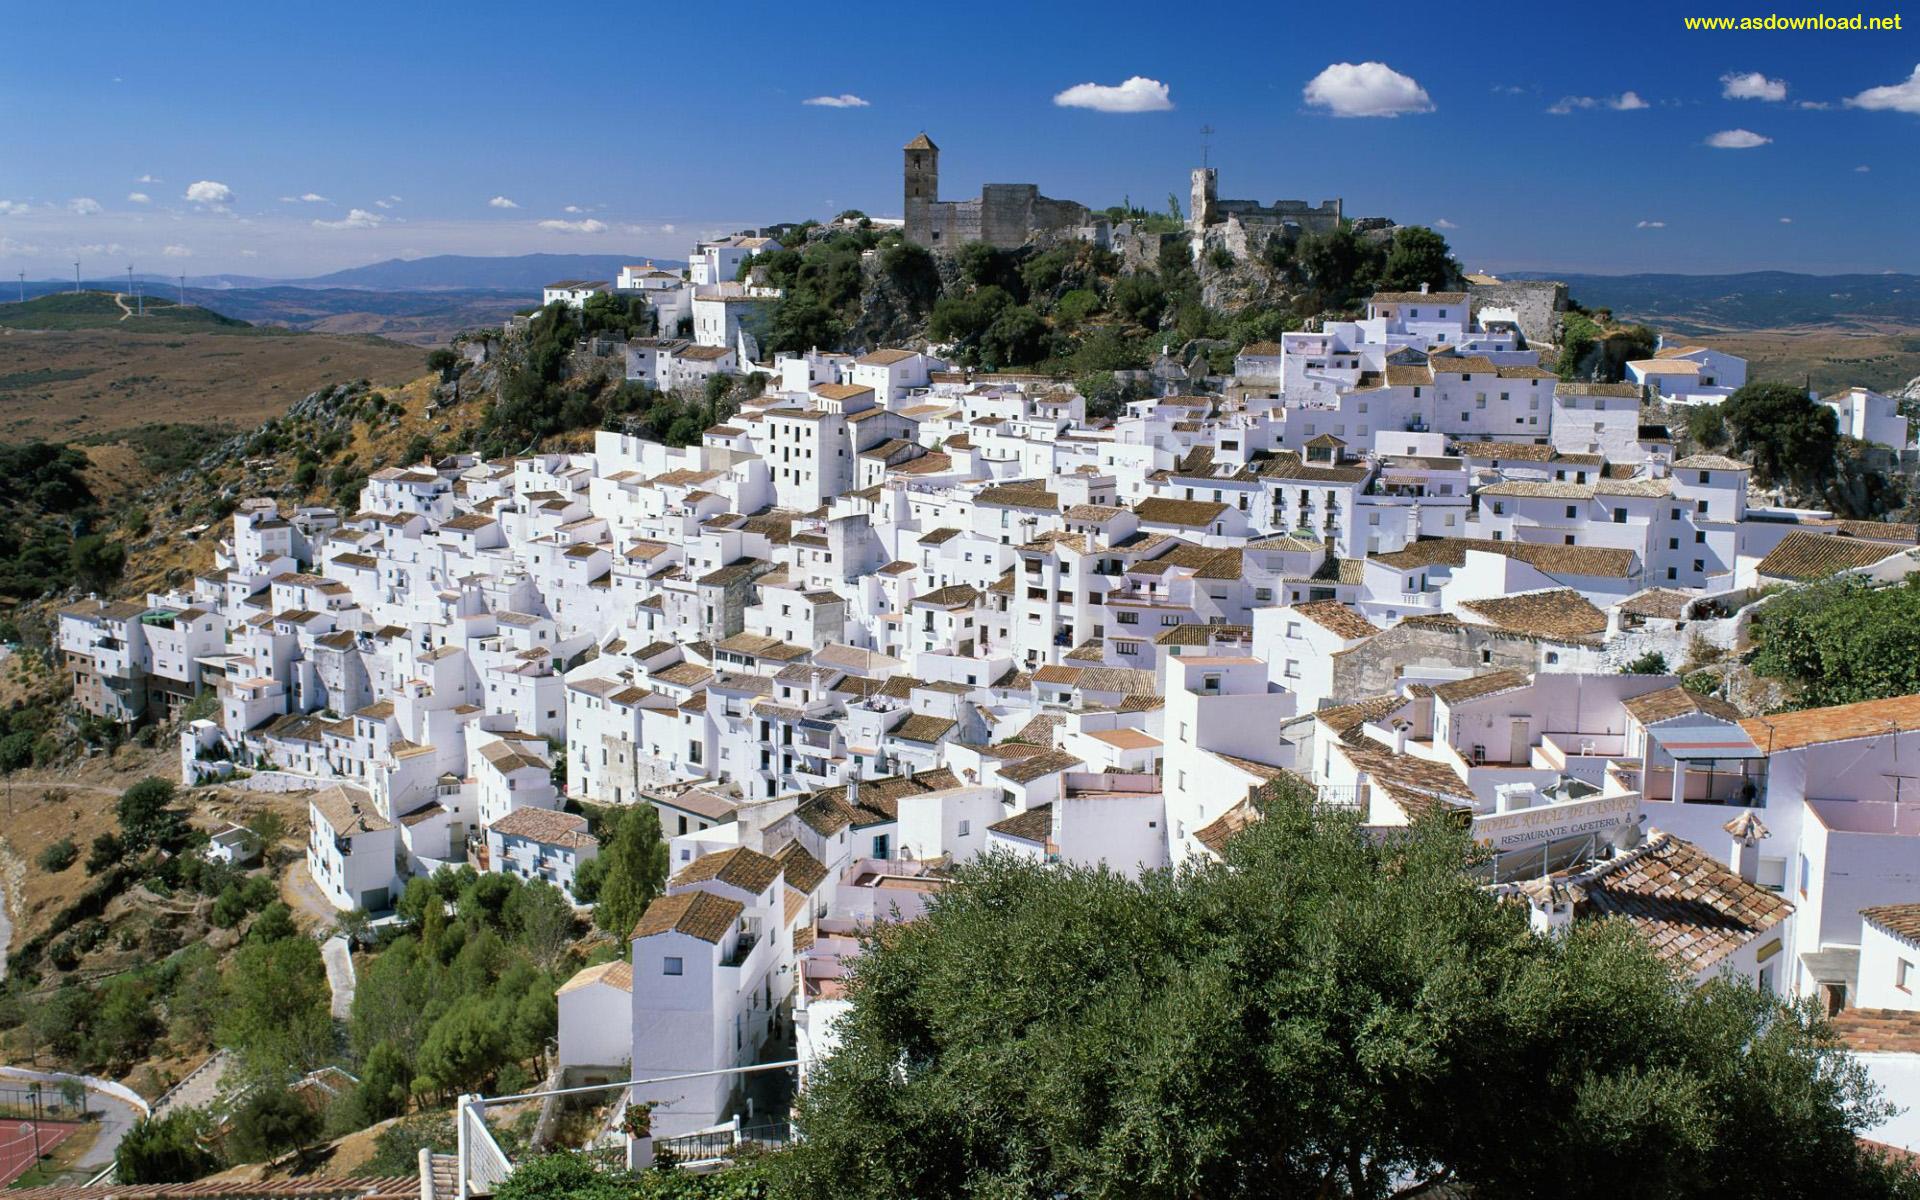 اسپانیا, مکان های دیدنی اسپانیا, عکس جاذبه های گردشگری اسپانیا